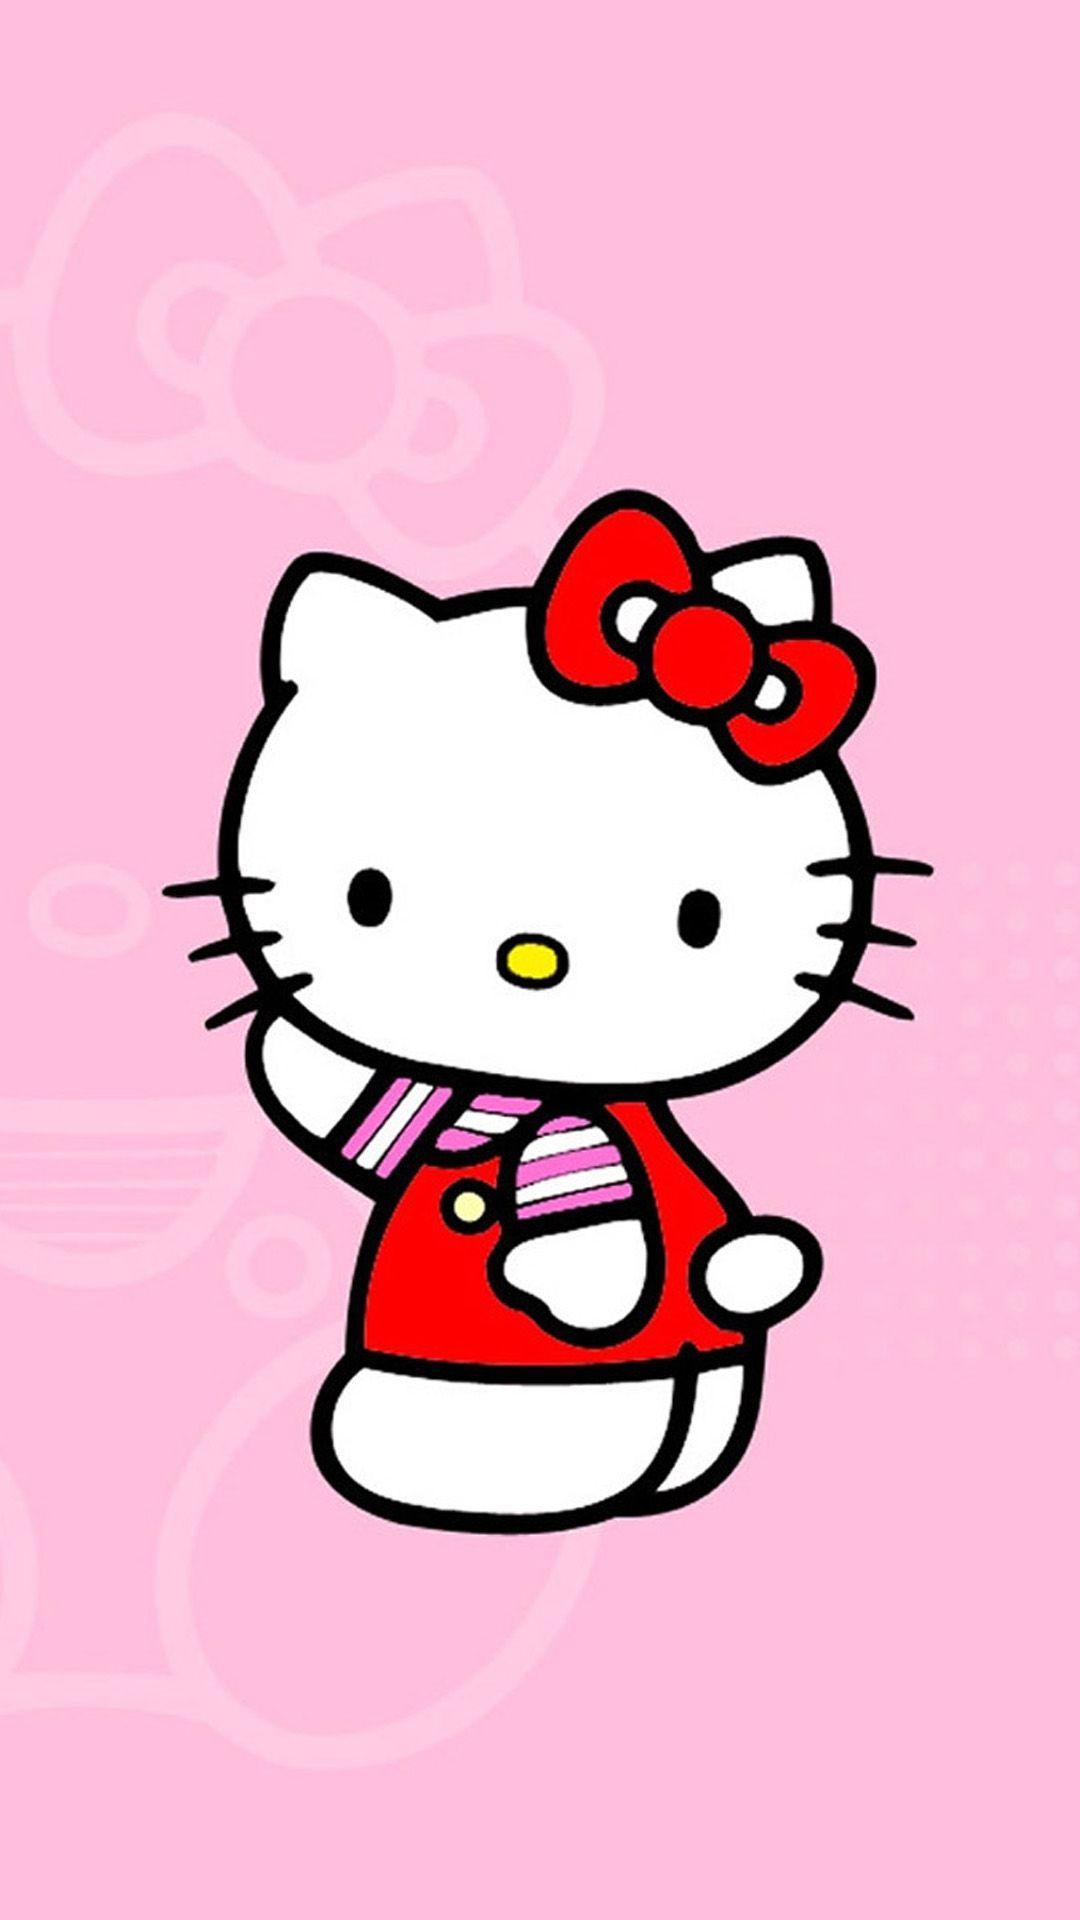 Download 5500 Koleksi Wallpaper Lucu Hello Kitty Bergerak Gratis Terbaru